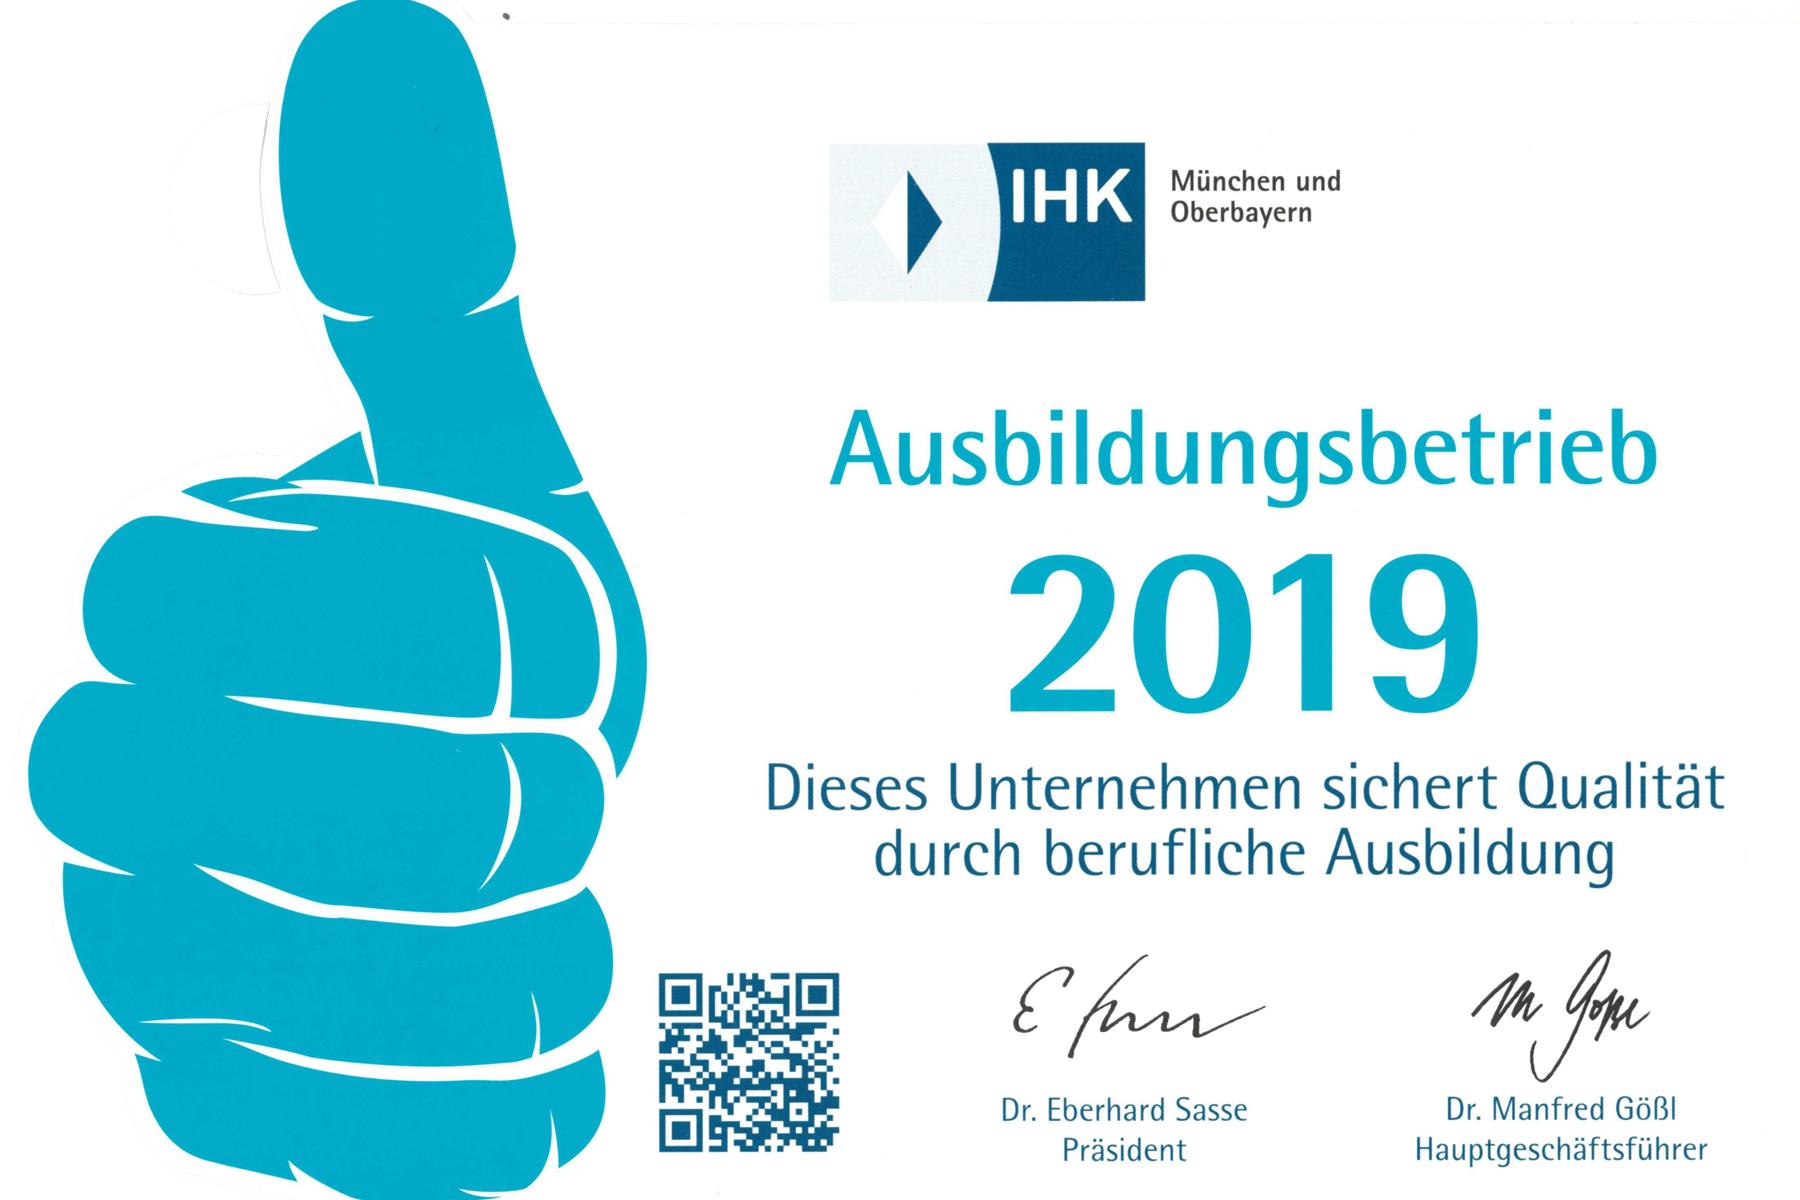 Klinikum Ingolstadt ist Ausbildungsbetrieb 2019